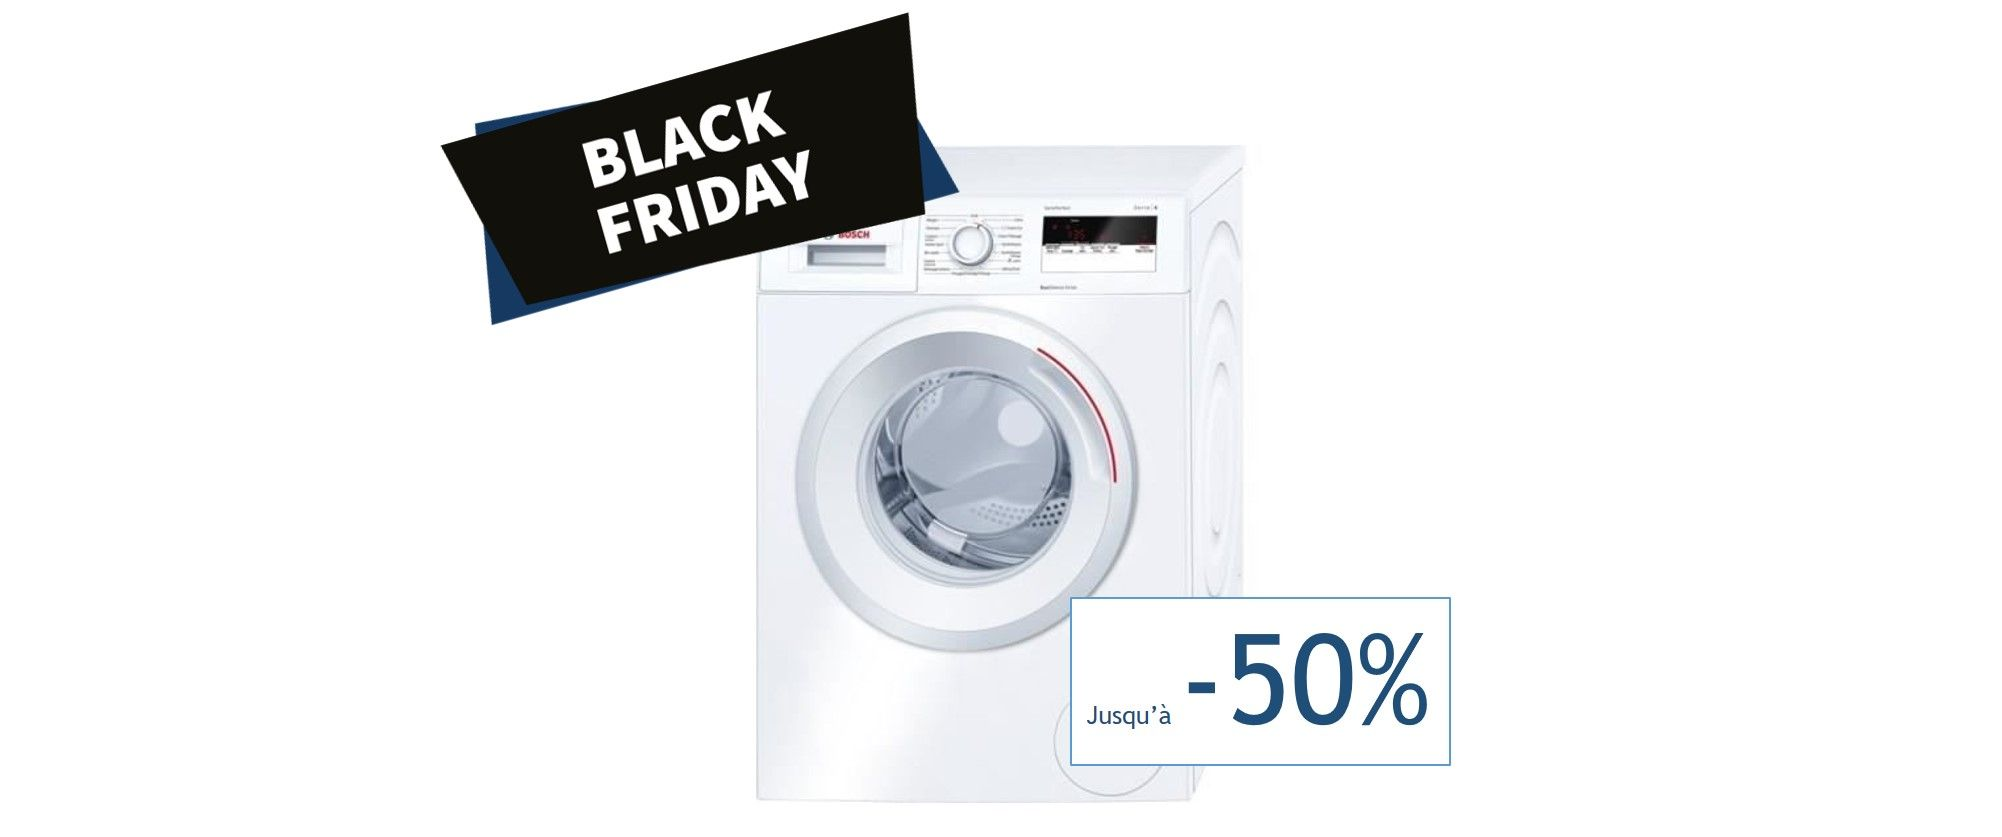 boutique de sortie luxuriant dans la conception clair et distinctif Black Friday: Lave-linge, lave-vaisselle… Tous les prix doux ...